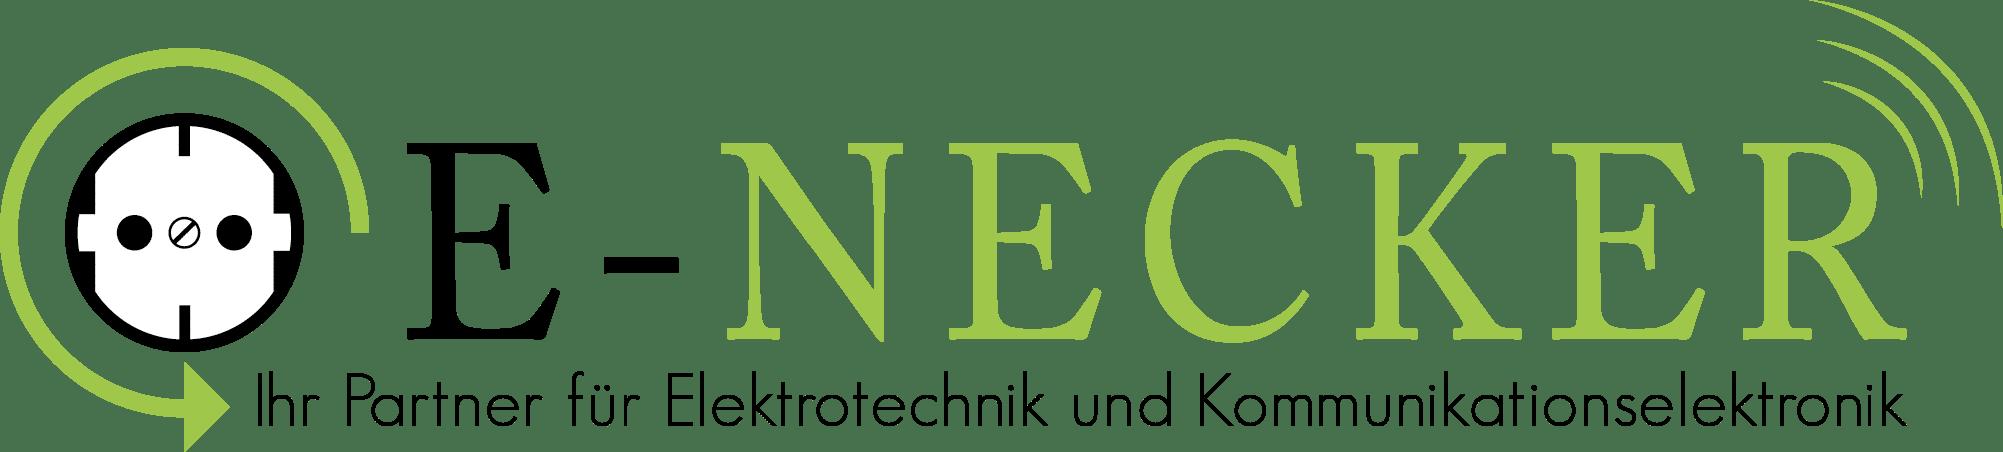 Logo E-Necker